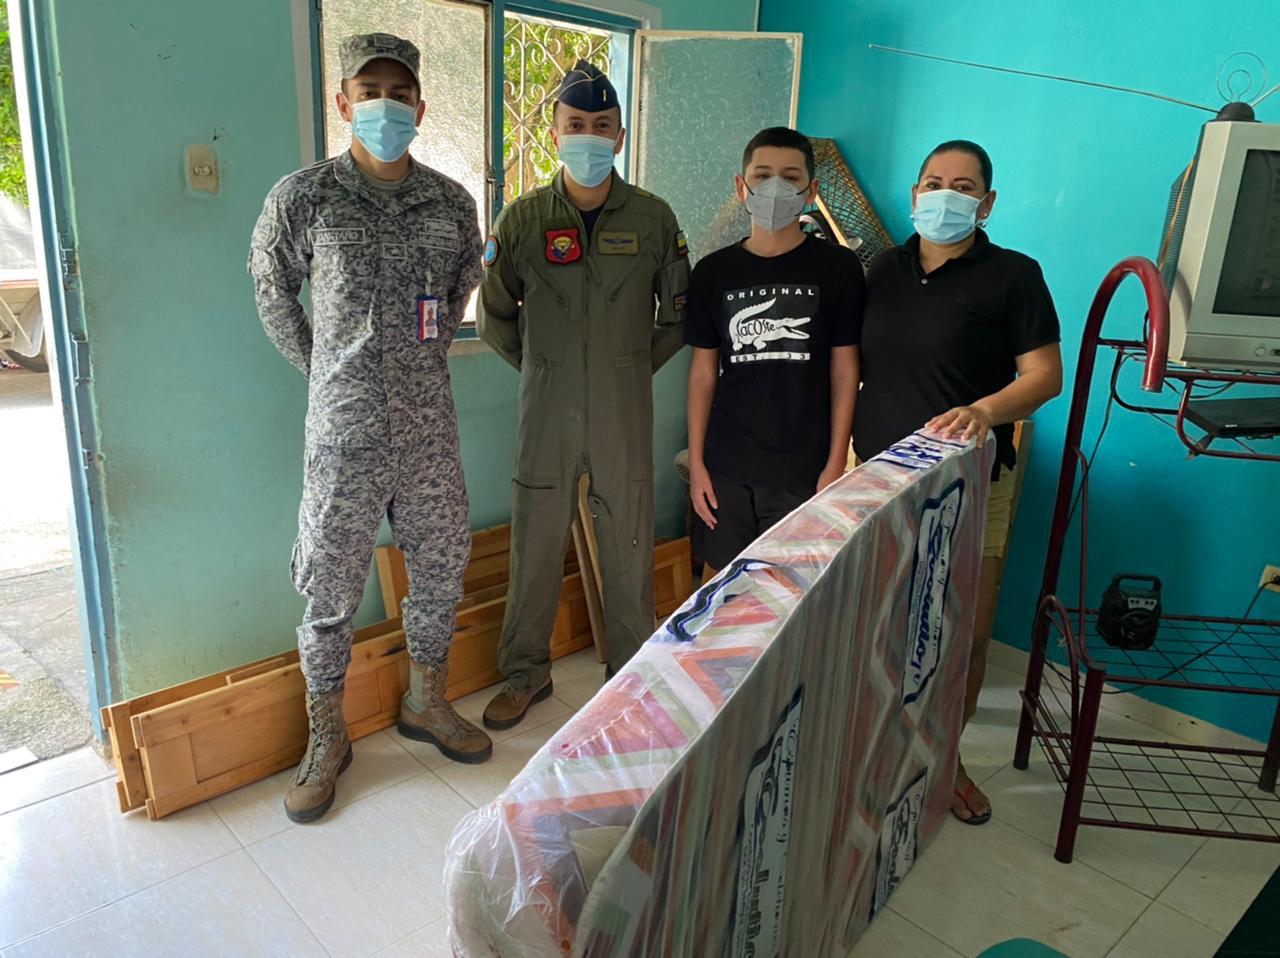 Familia recibe ayudas por parte de la fuerza aérea